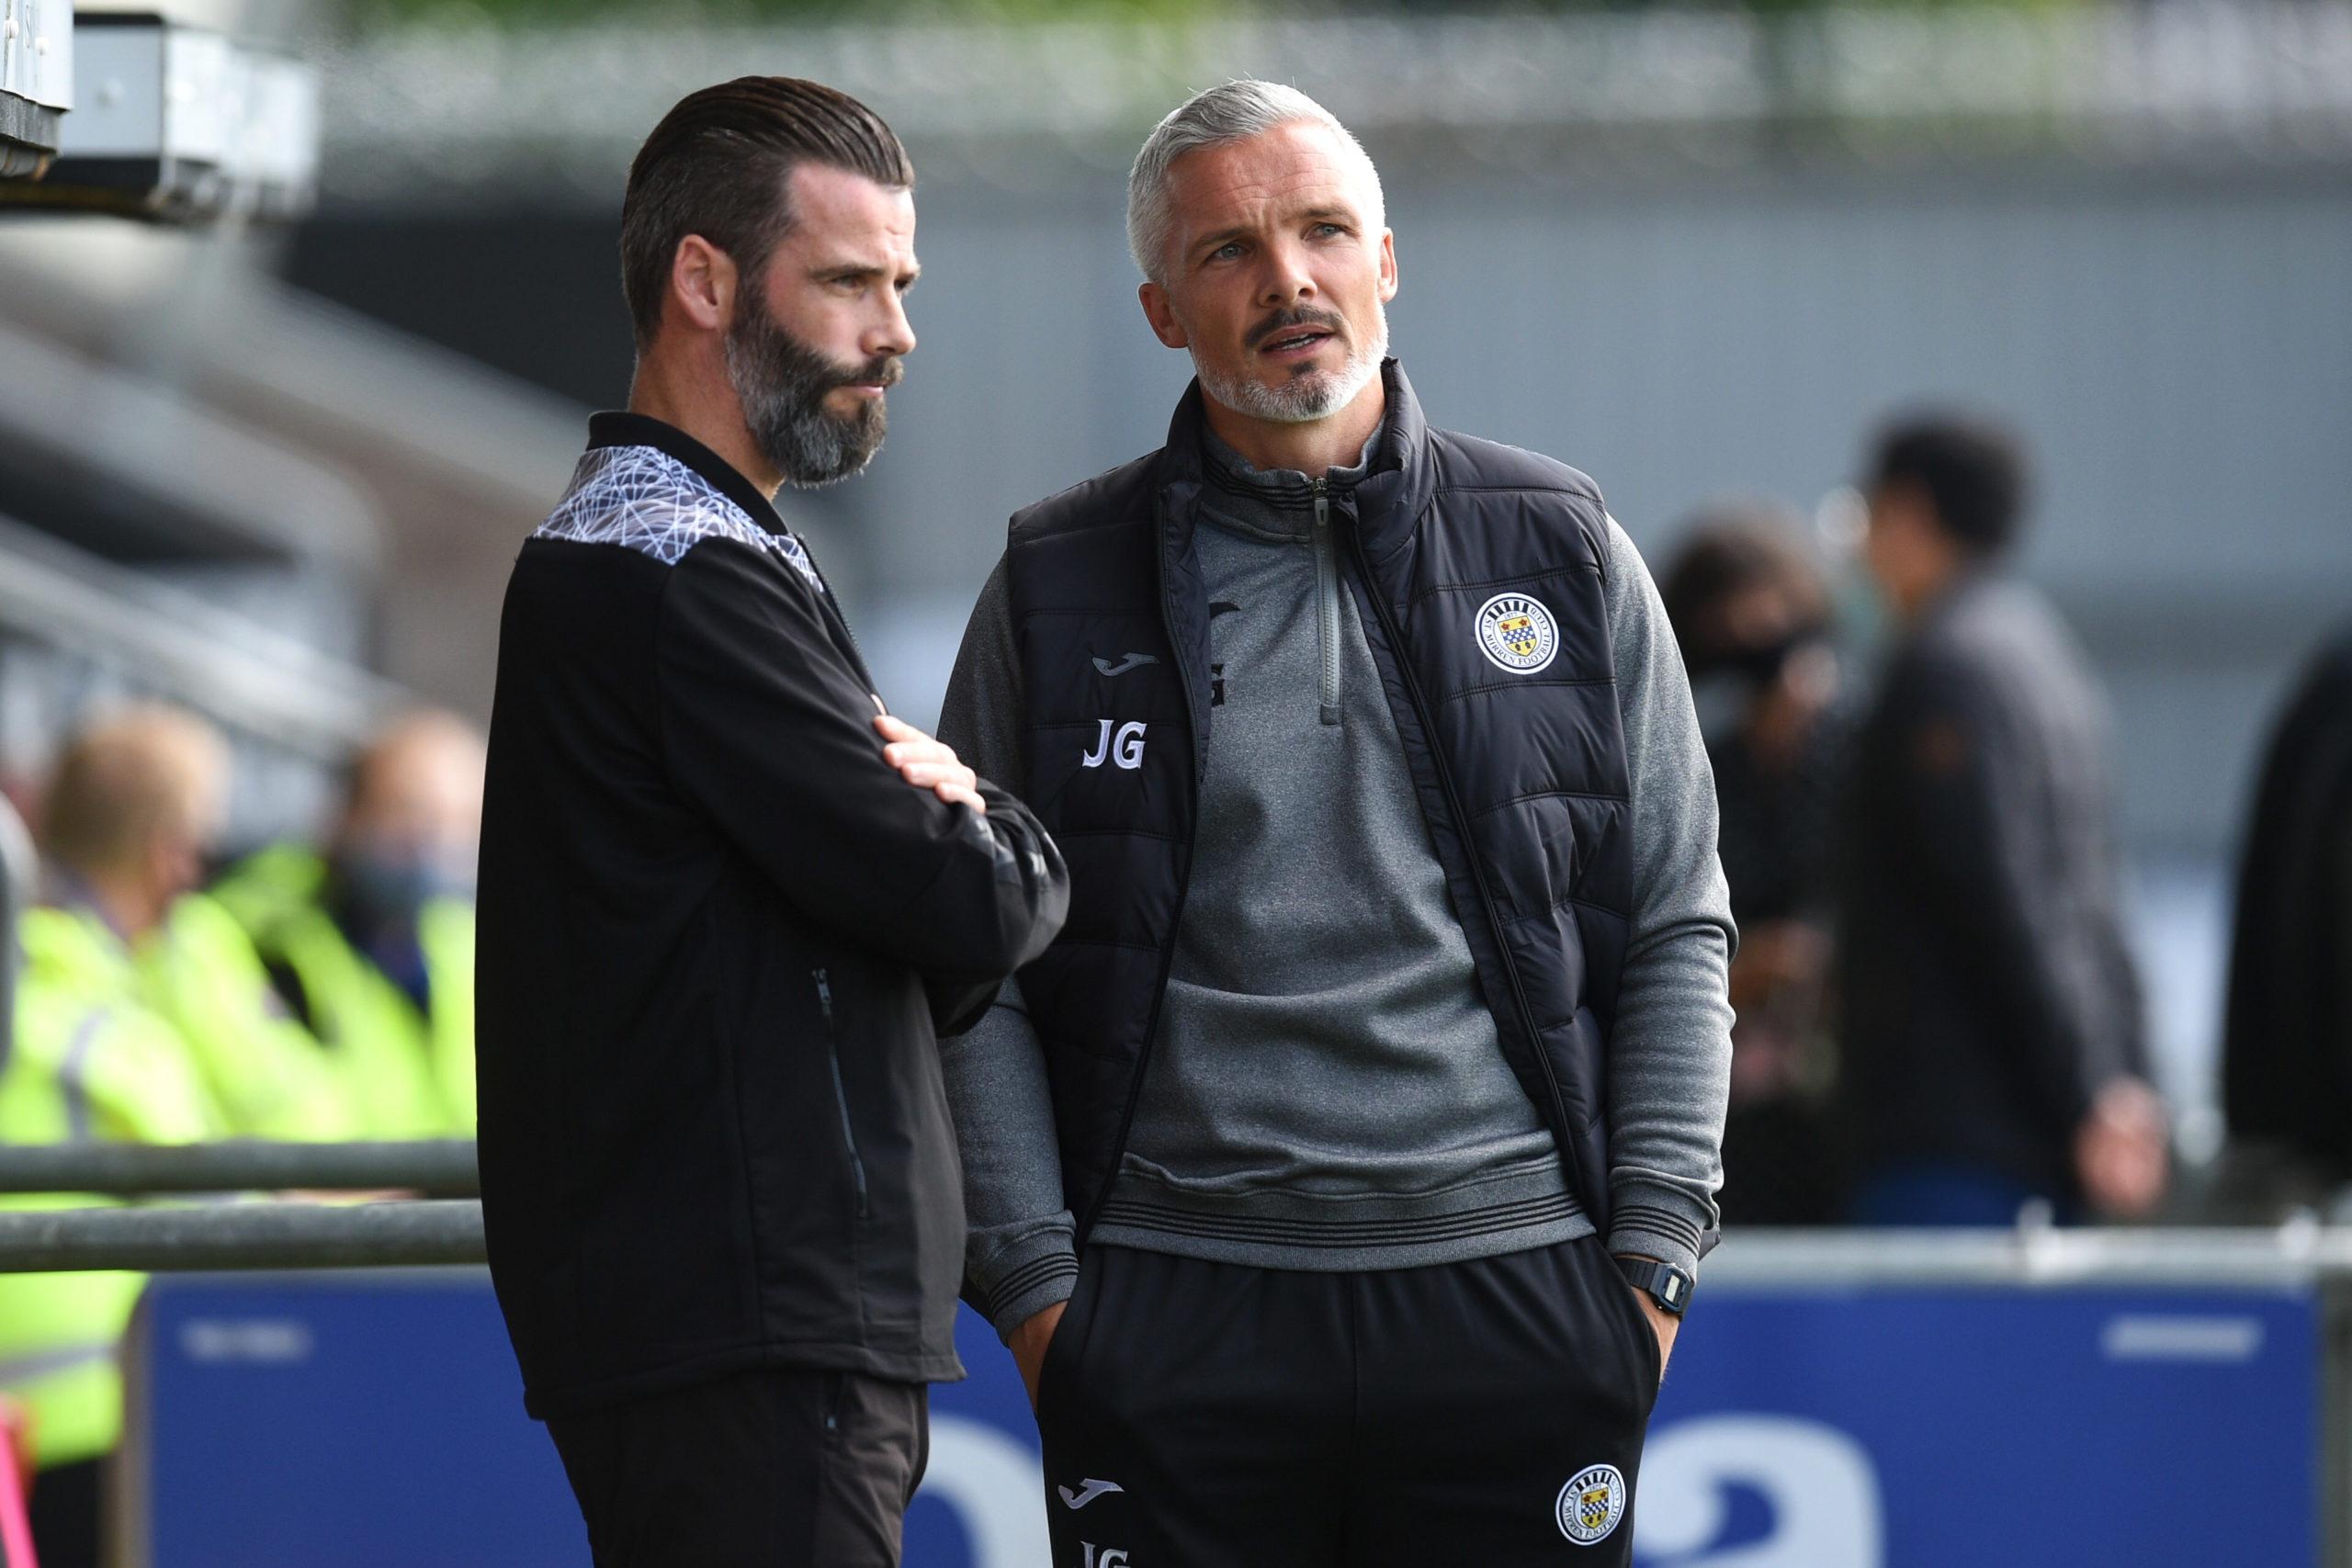 Ross County manager Stuart Kettlewell (left) with St Mirren boss Jim Goodwin.